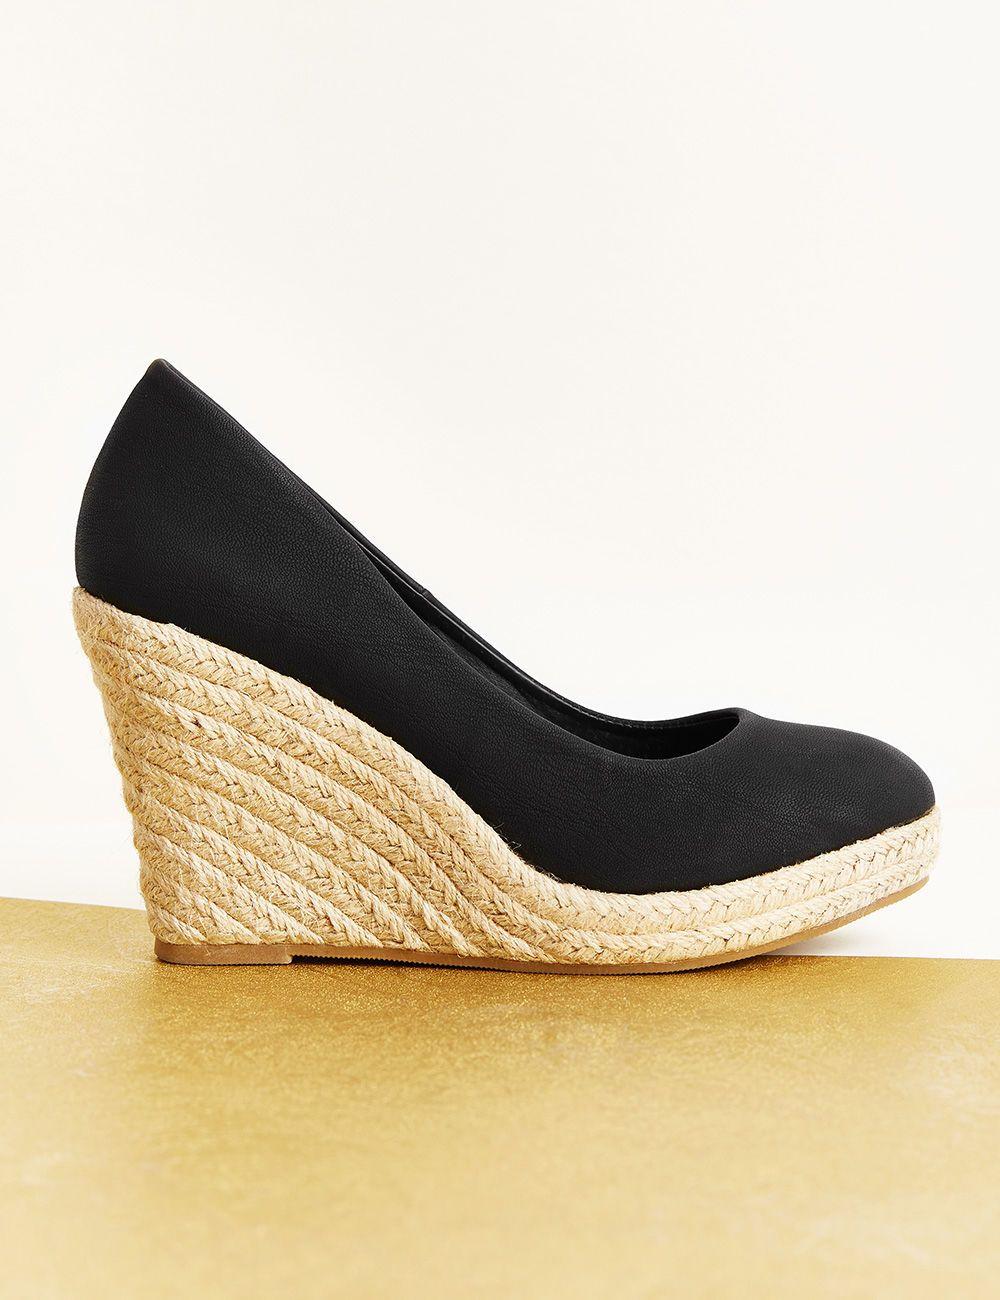 Noires Femme Chaussures Compensées Noires Chaussures Compensées TiOPkZuX